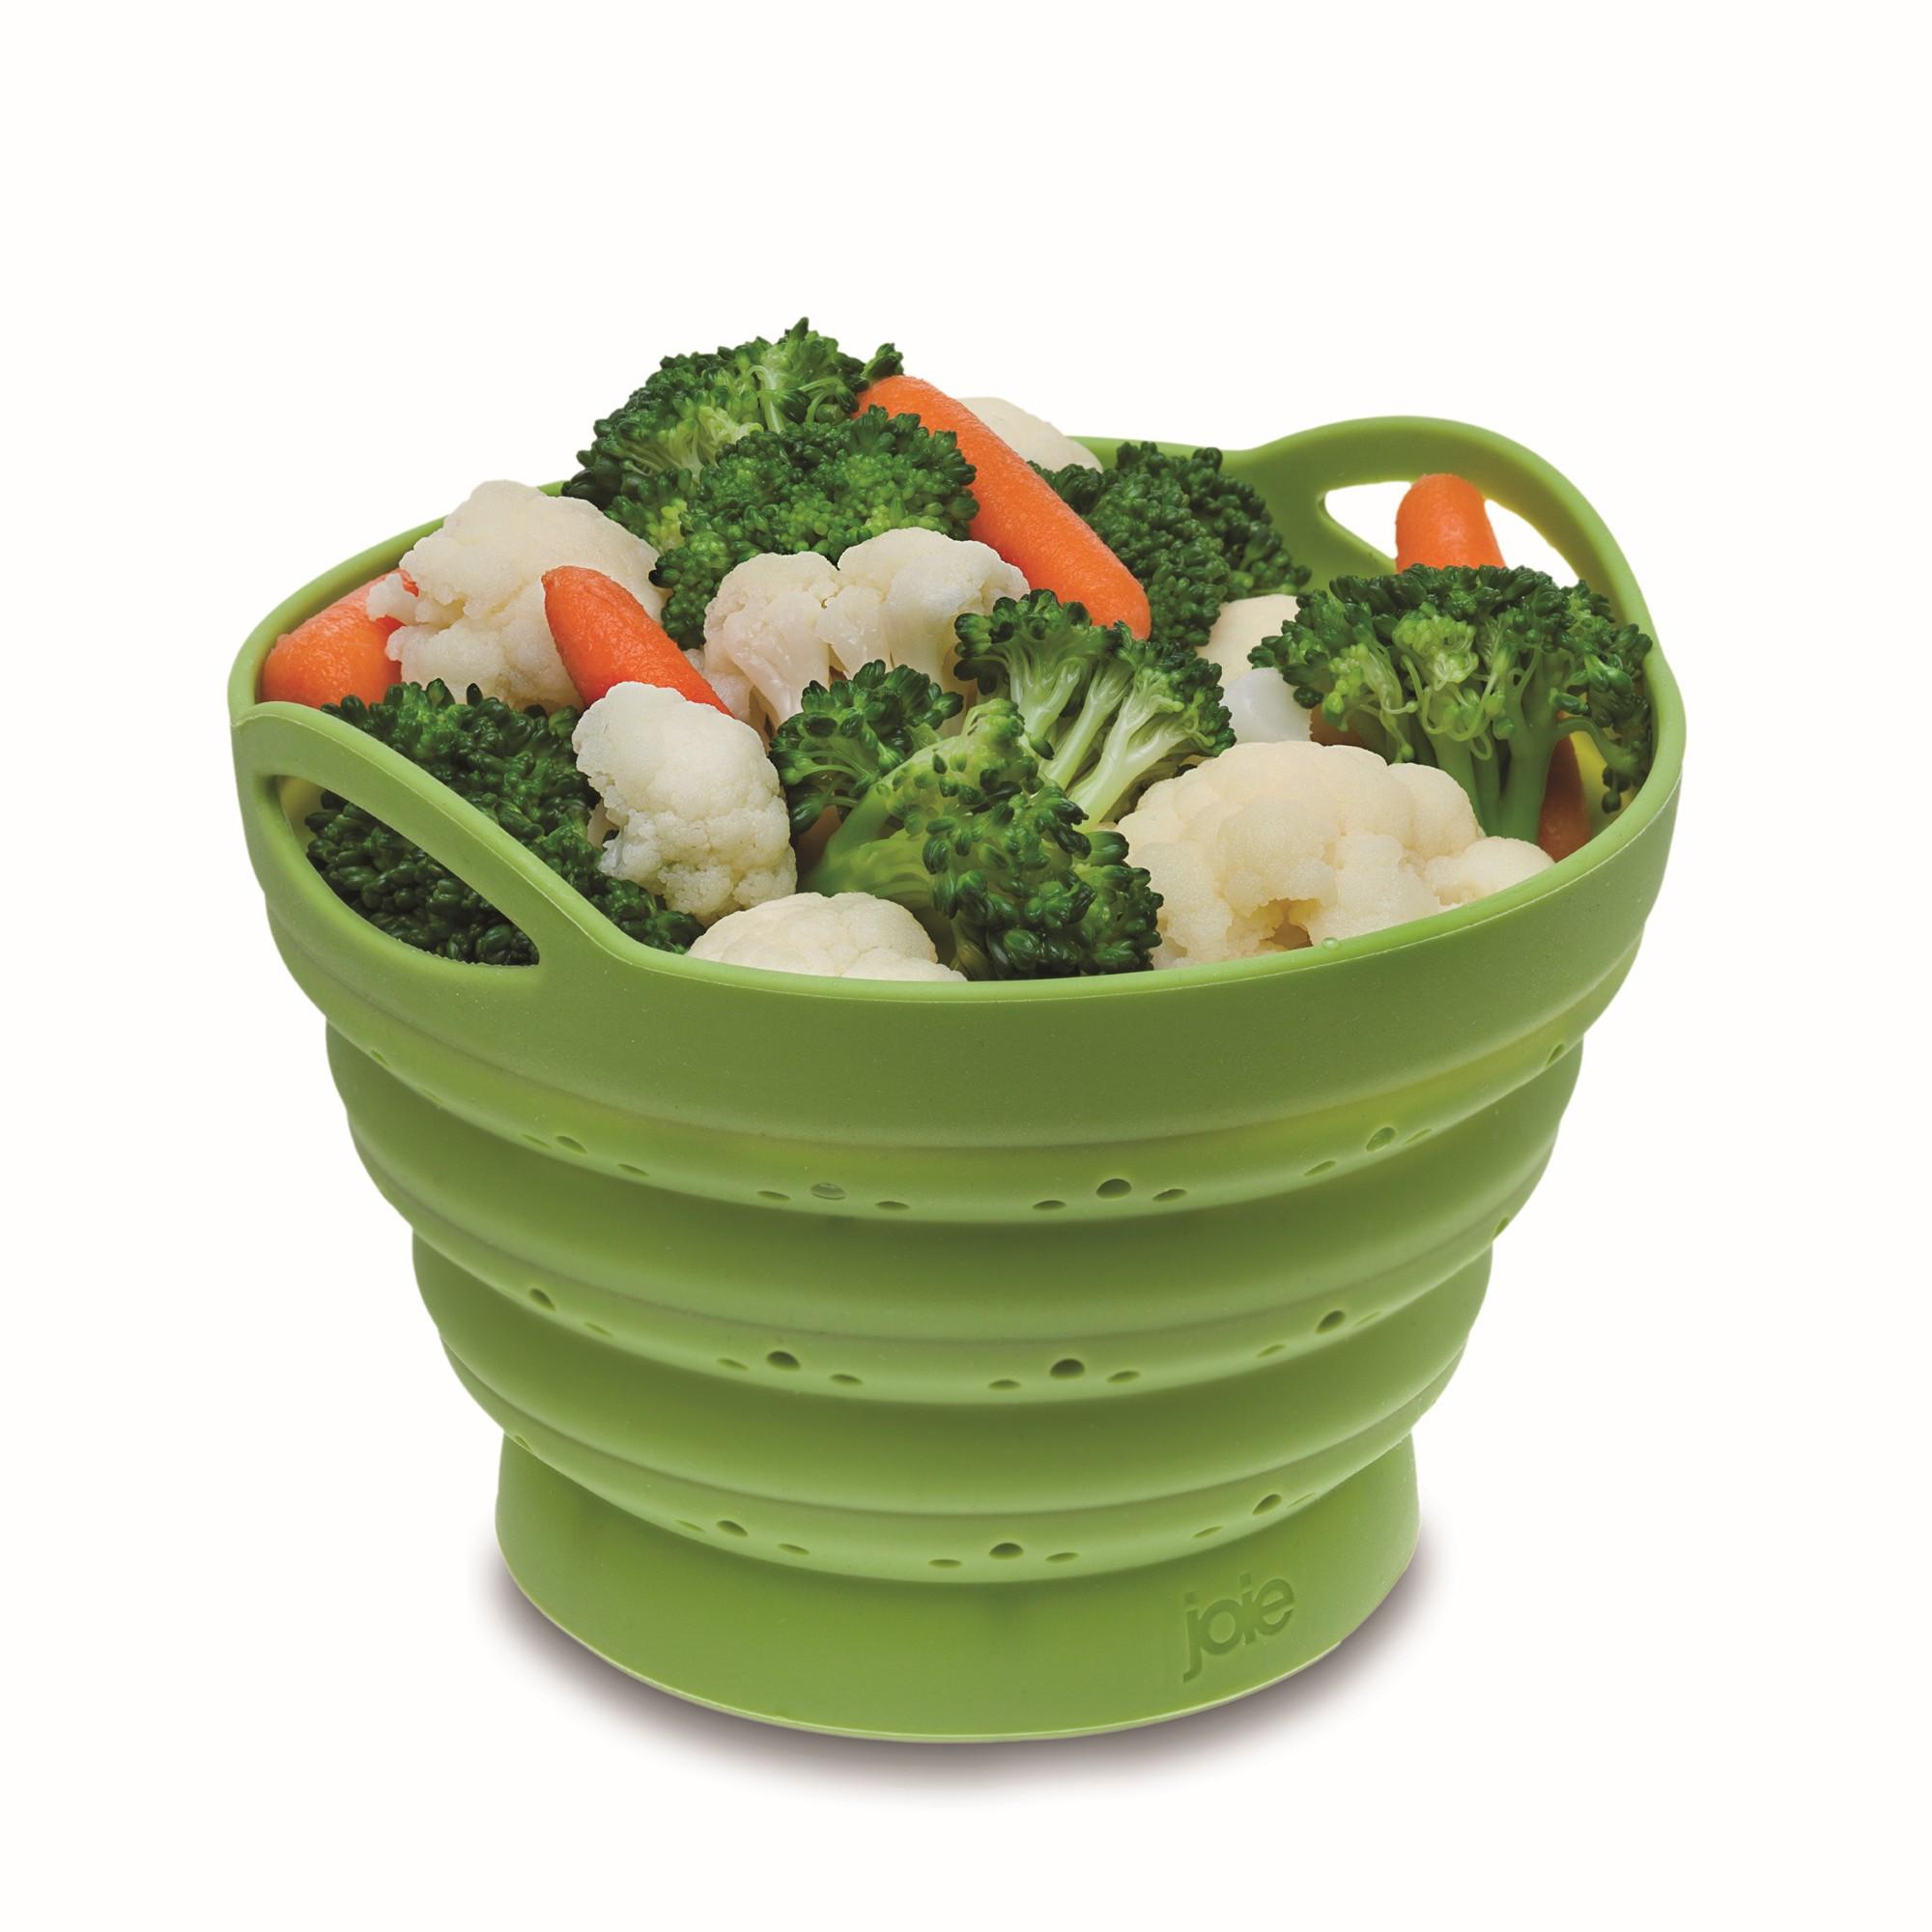 Escorredor de Silicone para Legumes 15x10 cm Verde - Hudson